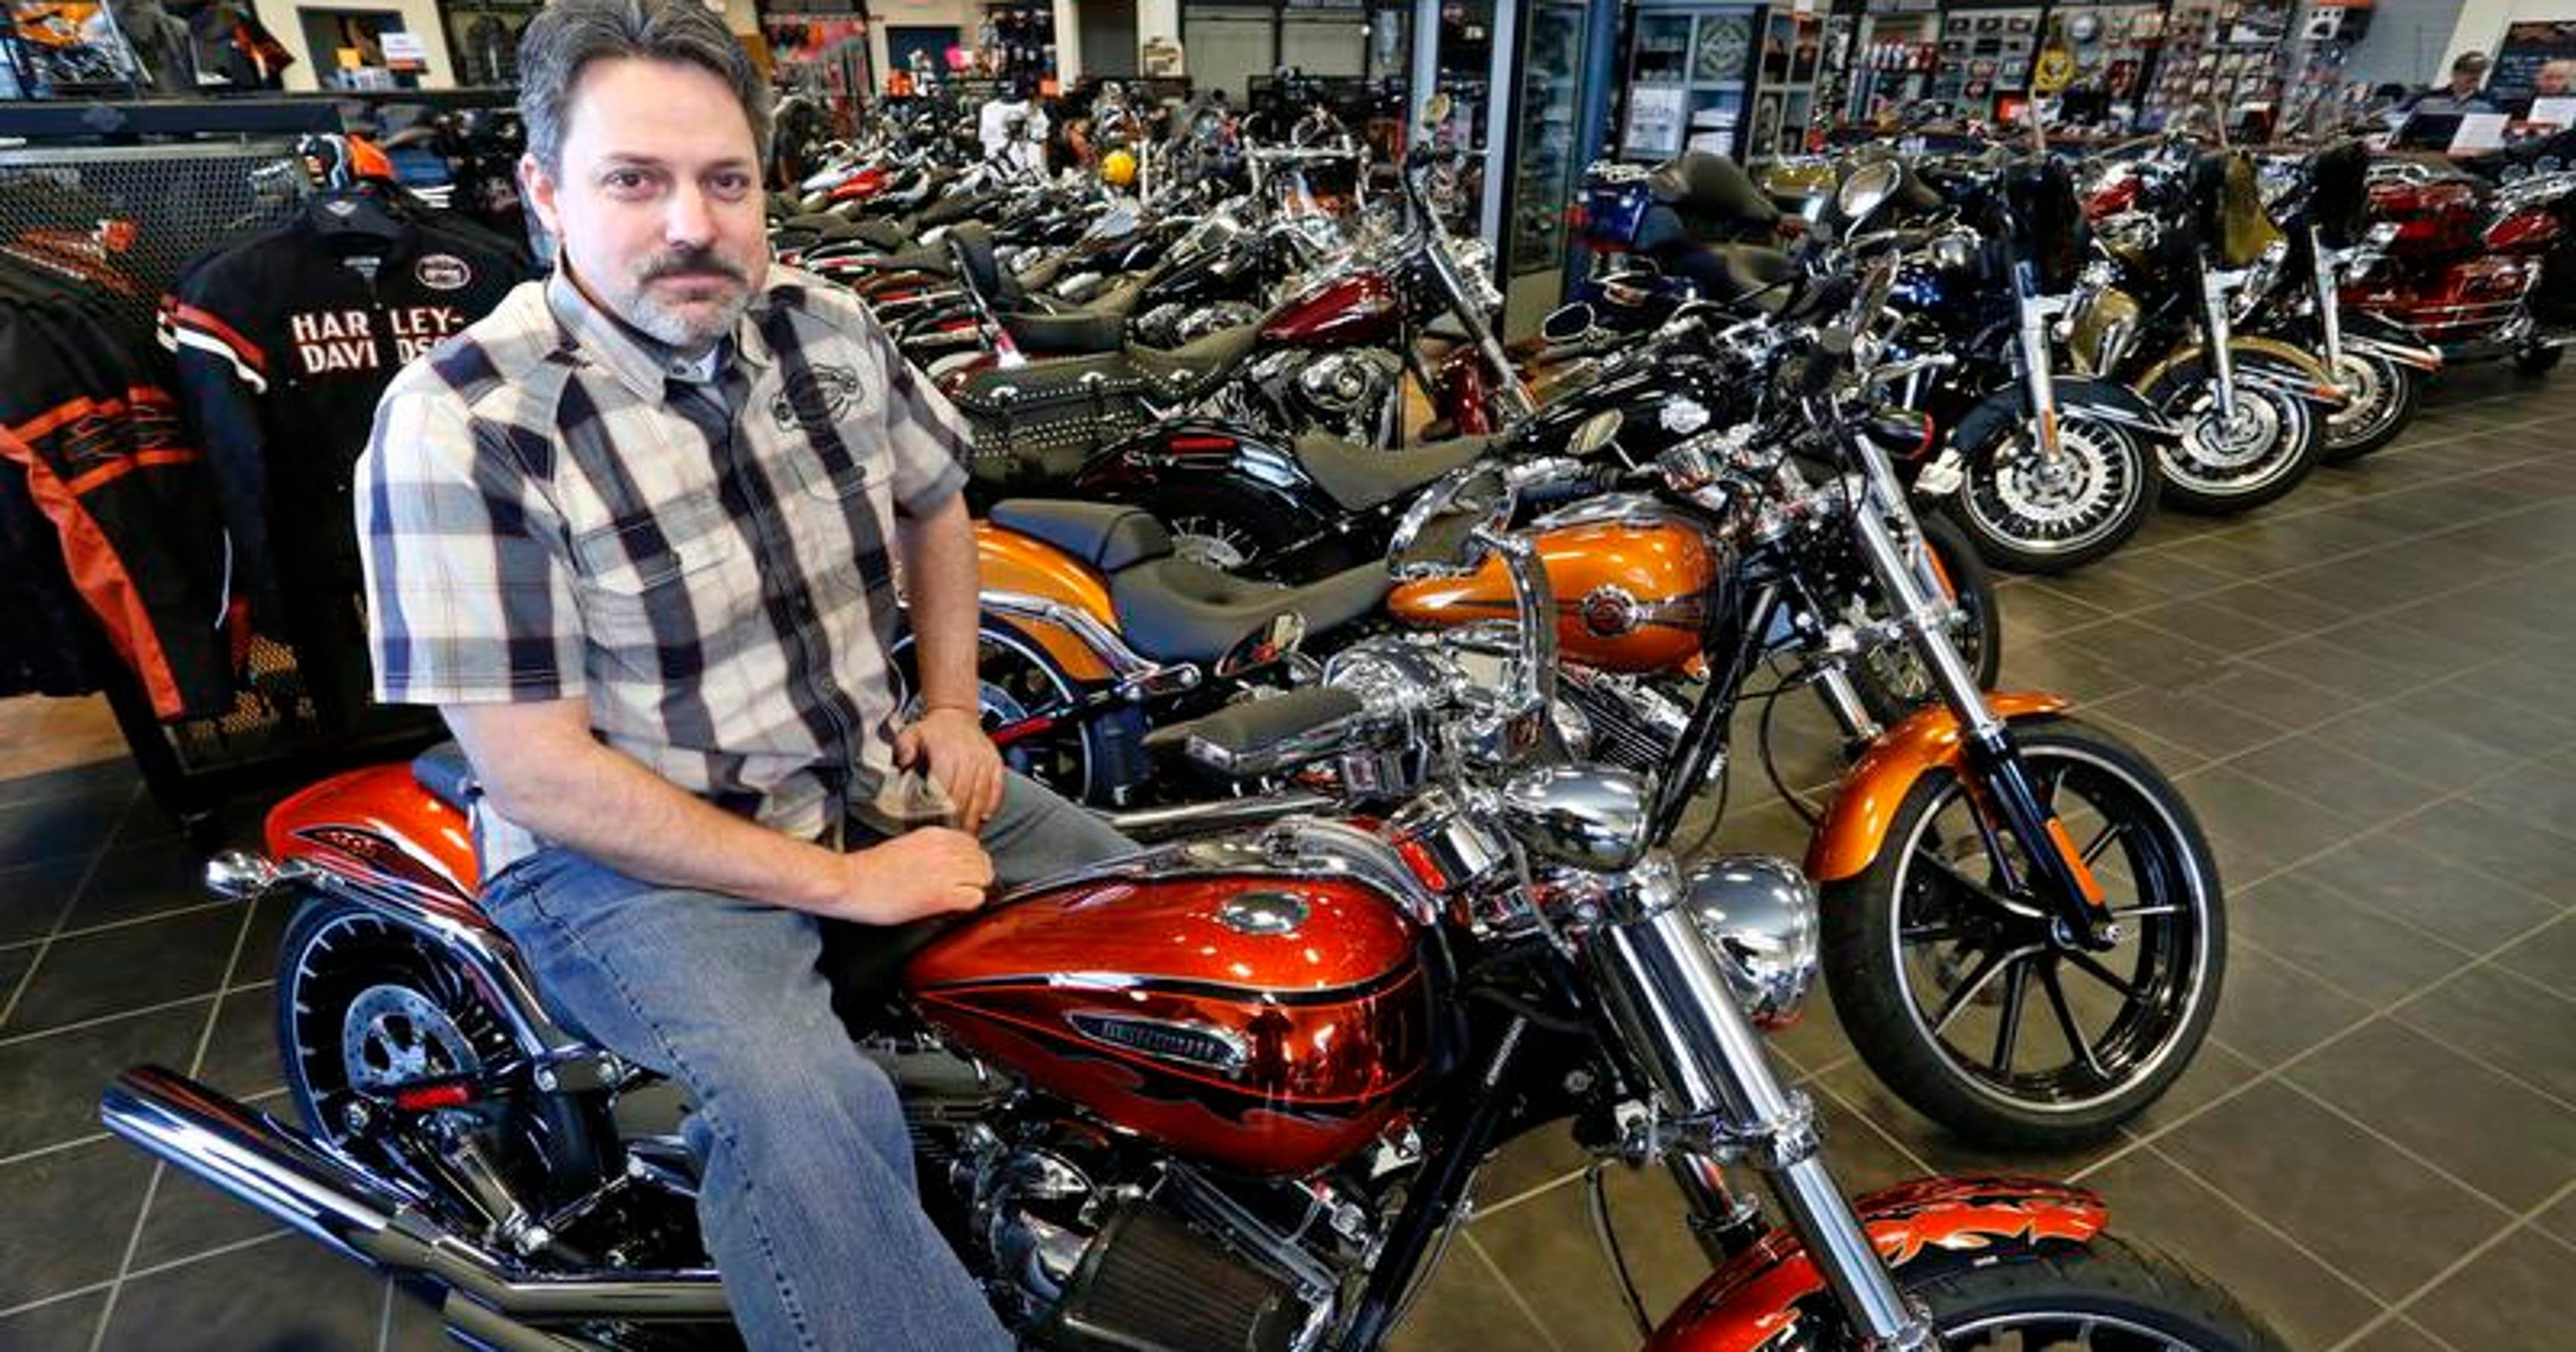 Boiler Harley-Davidson revving up for new Lafayette store